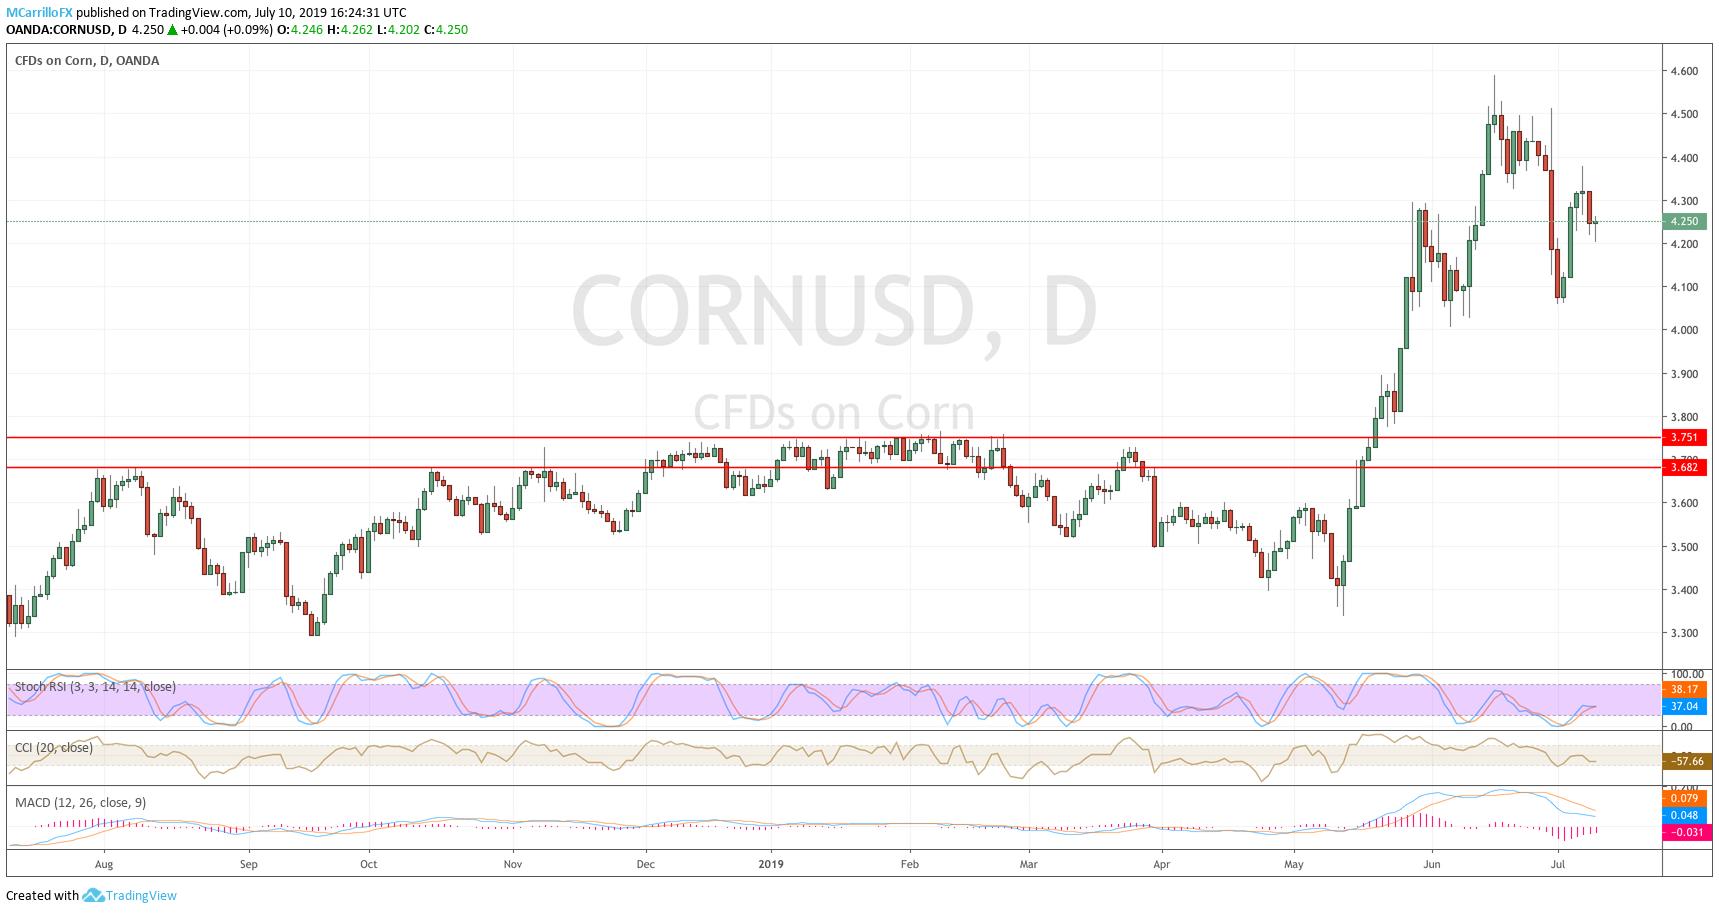 corn daily chart July 10